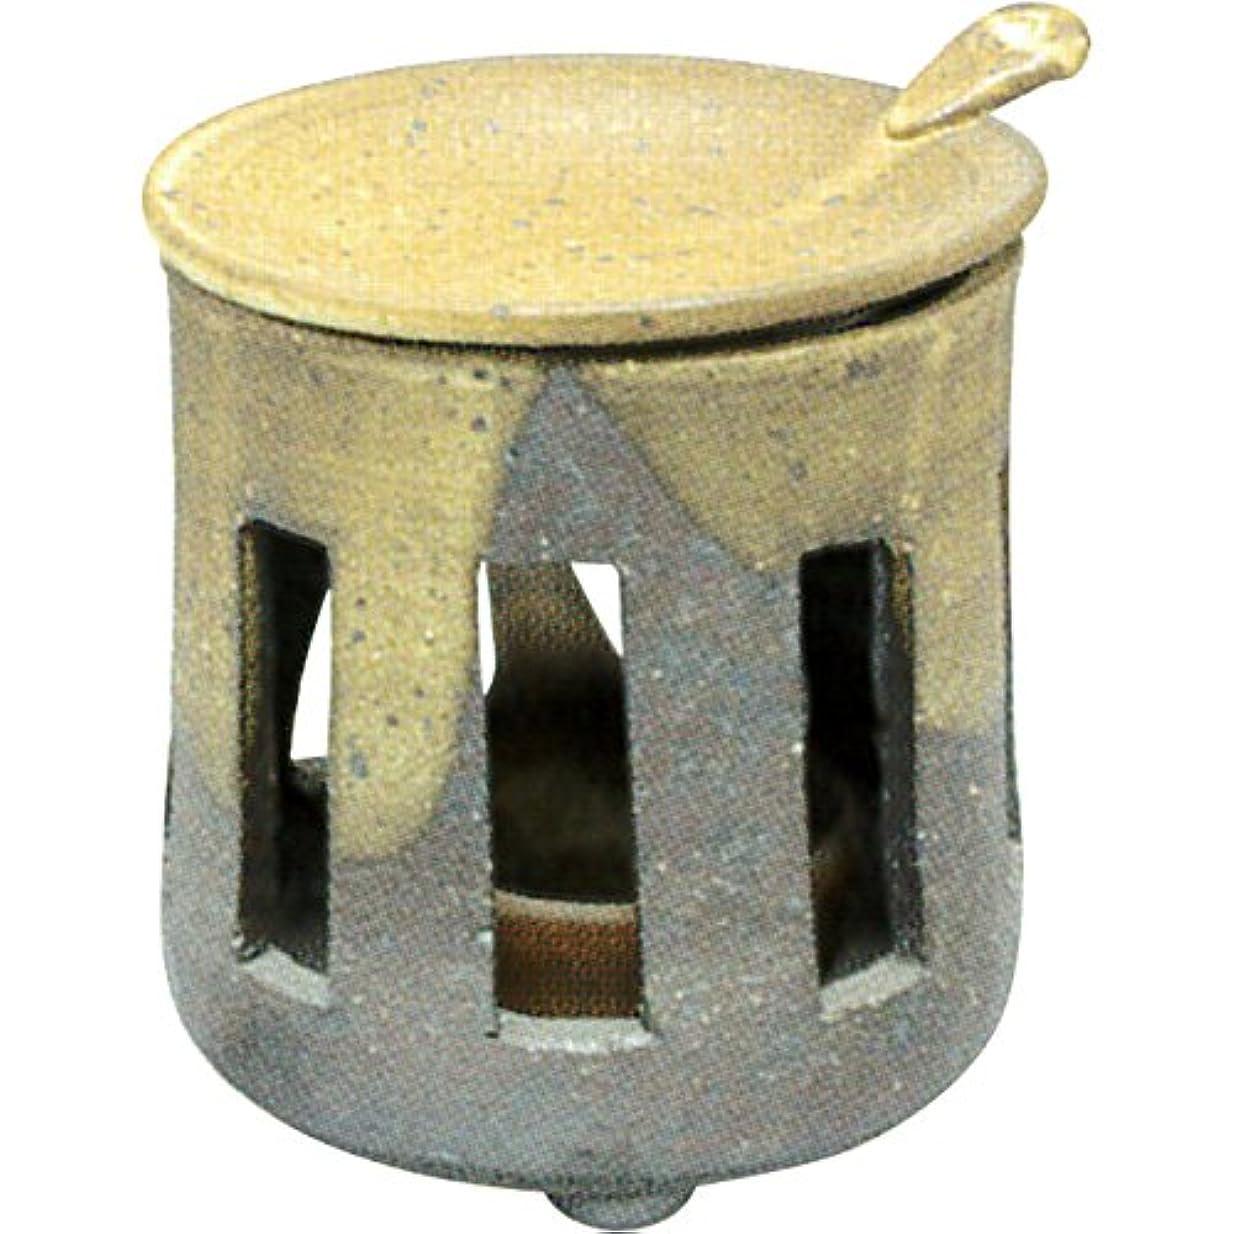 チップセメント改革茶香炉 : 常滑焼 焜清 茶香炉?サ39-03